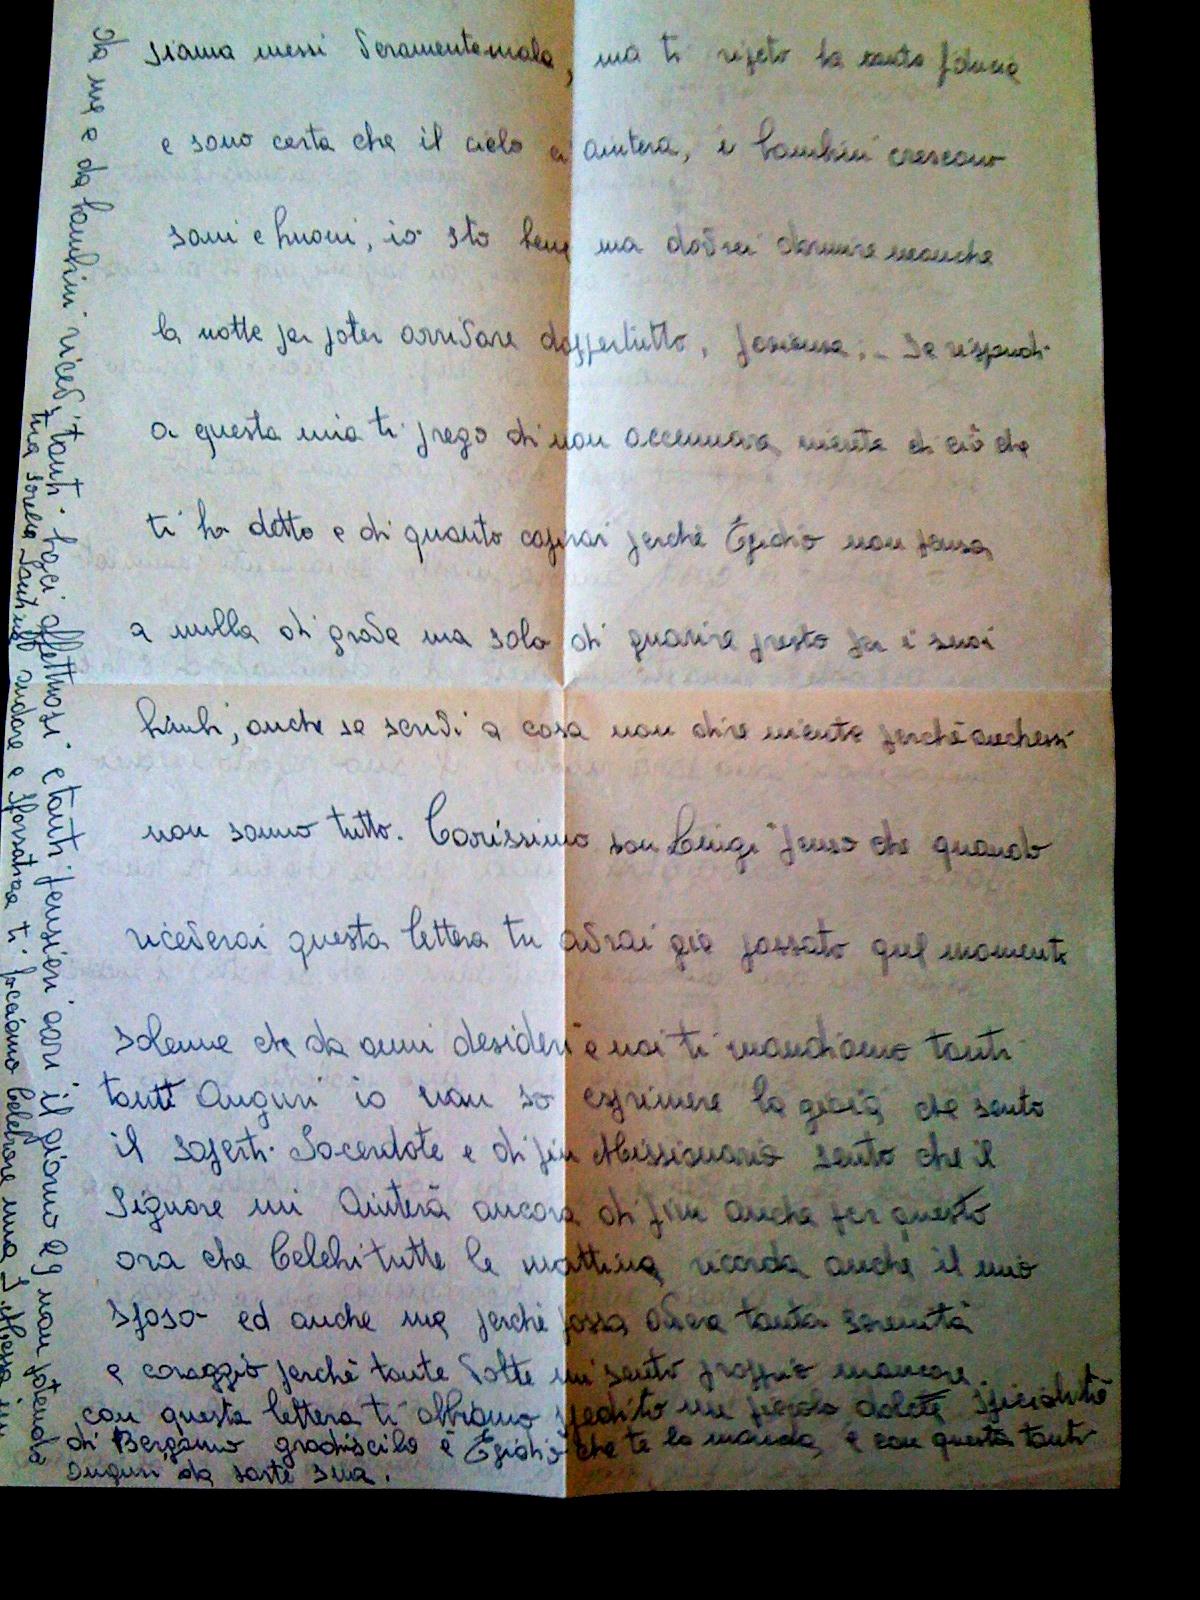 Lettera Auguri Matrimonio : Lettera a una figlia che si sposa abiti donna